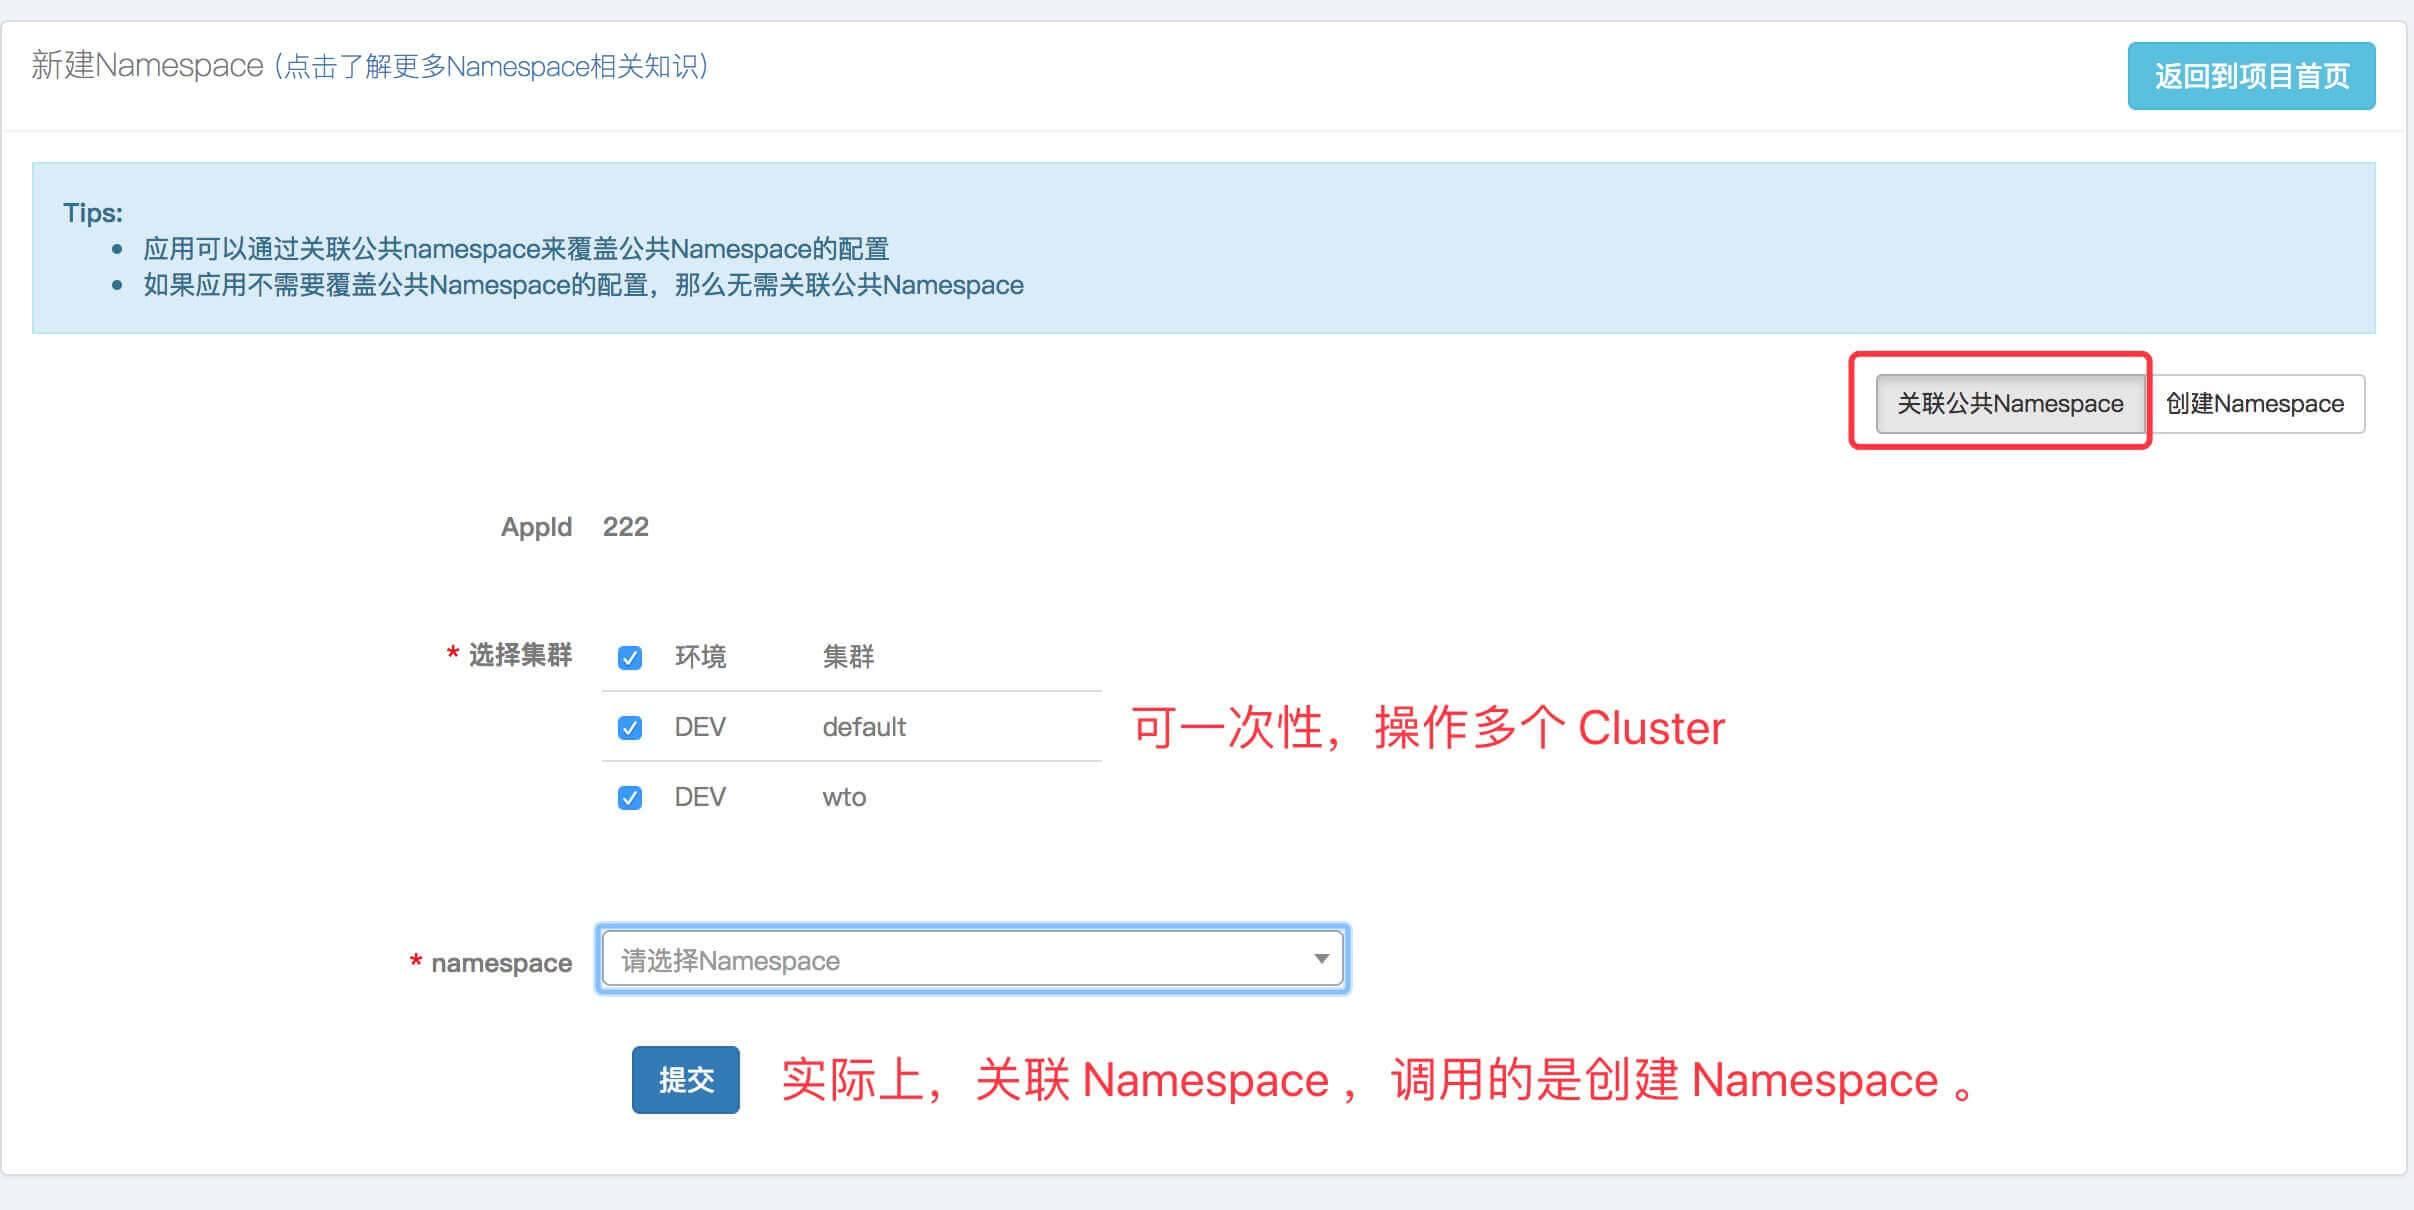 关联 Namespace